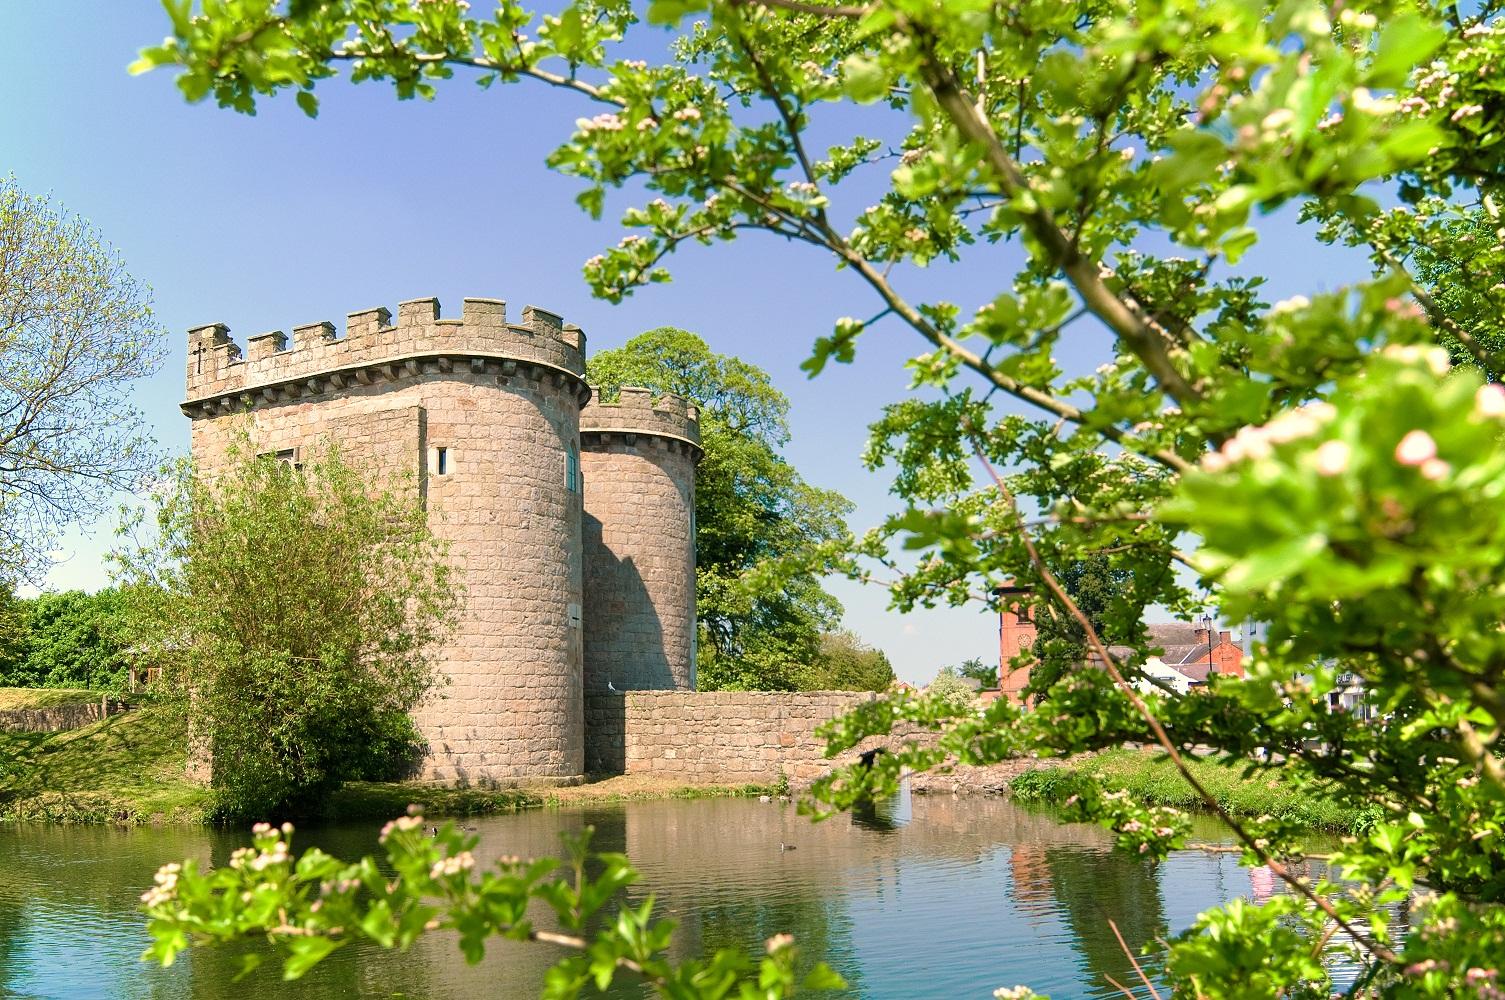 Whitt castle